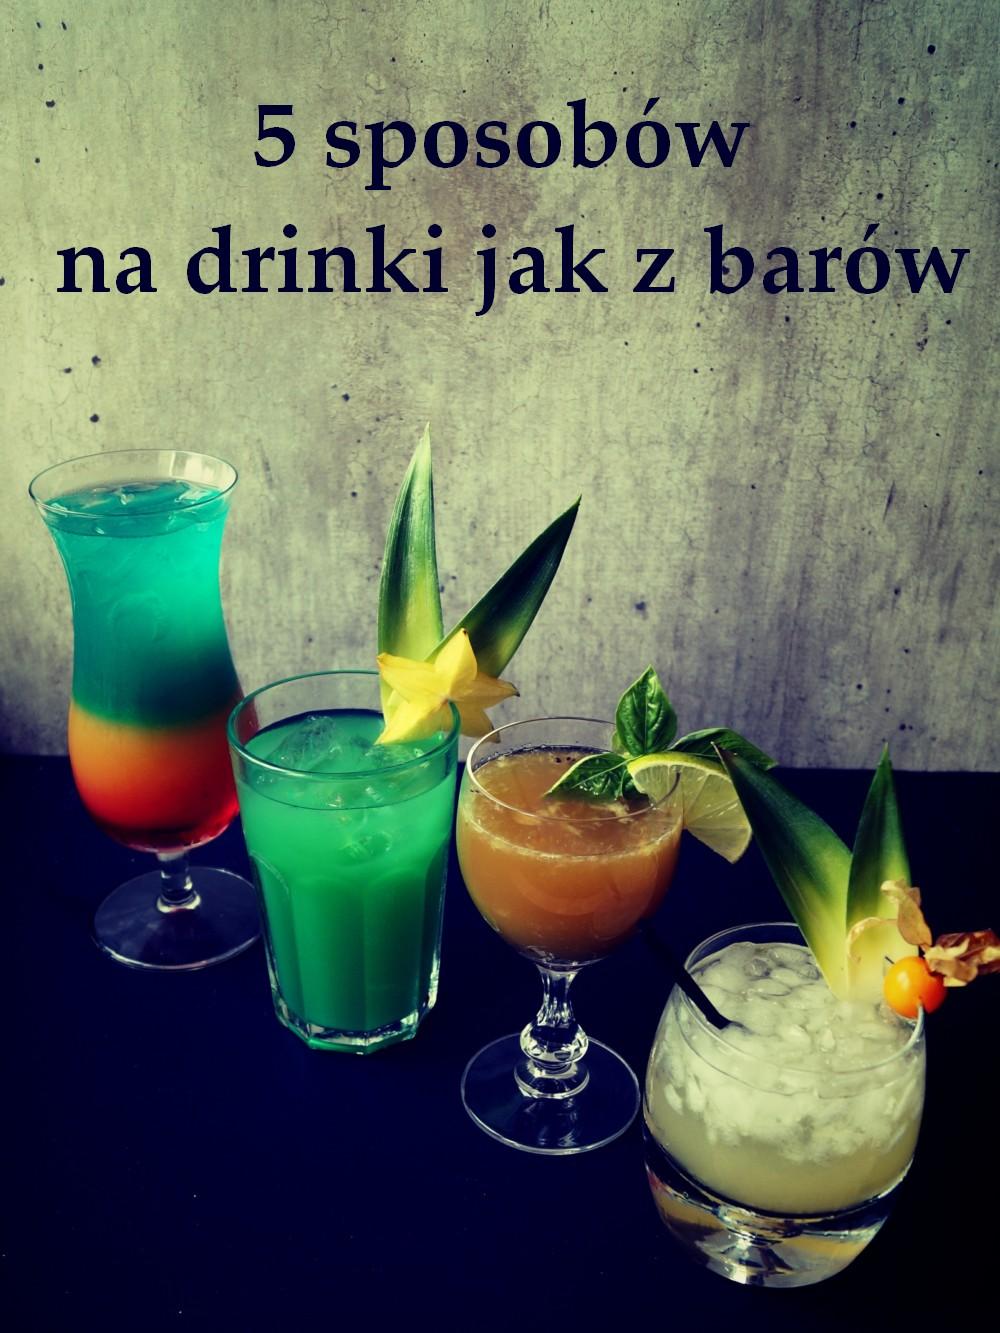 drinki jak z barow